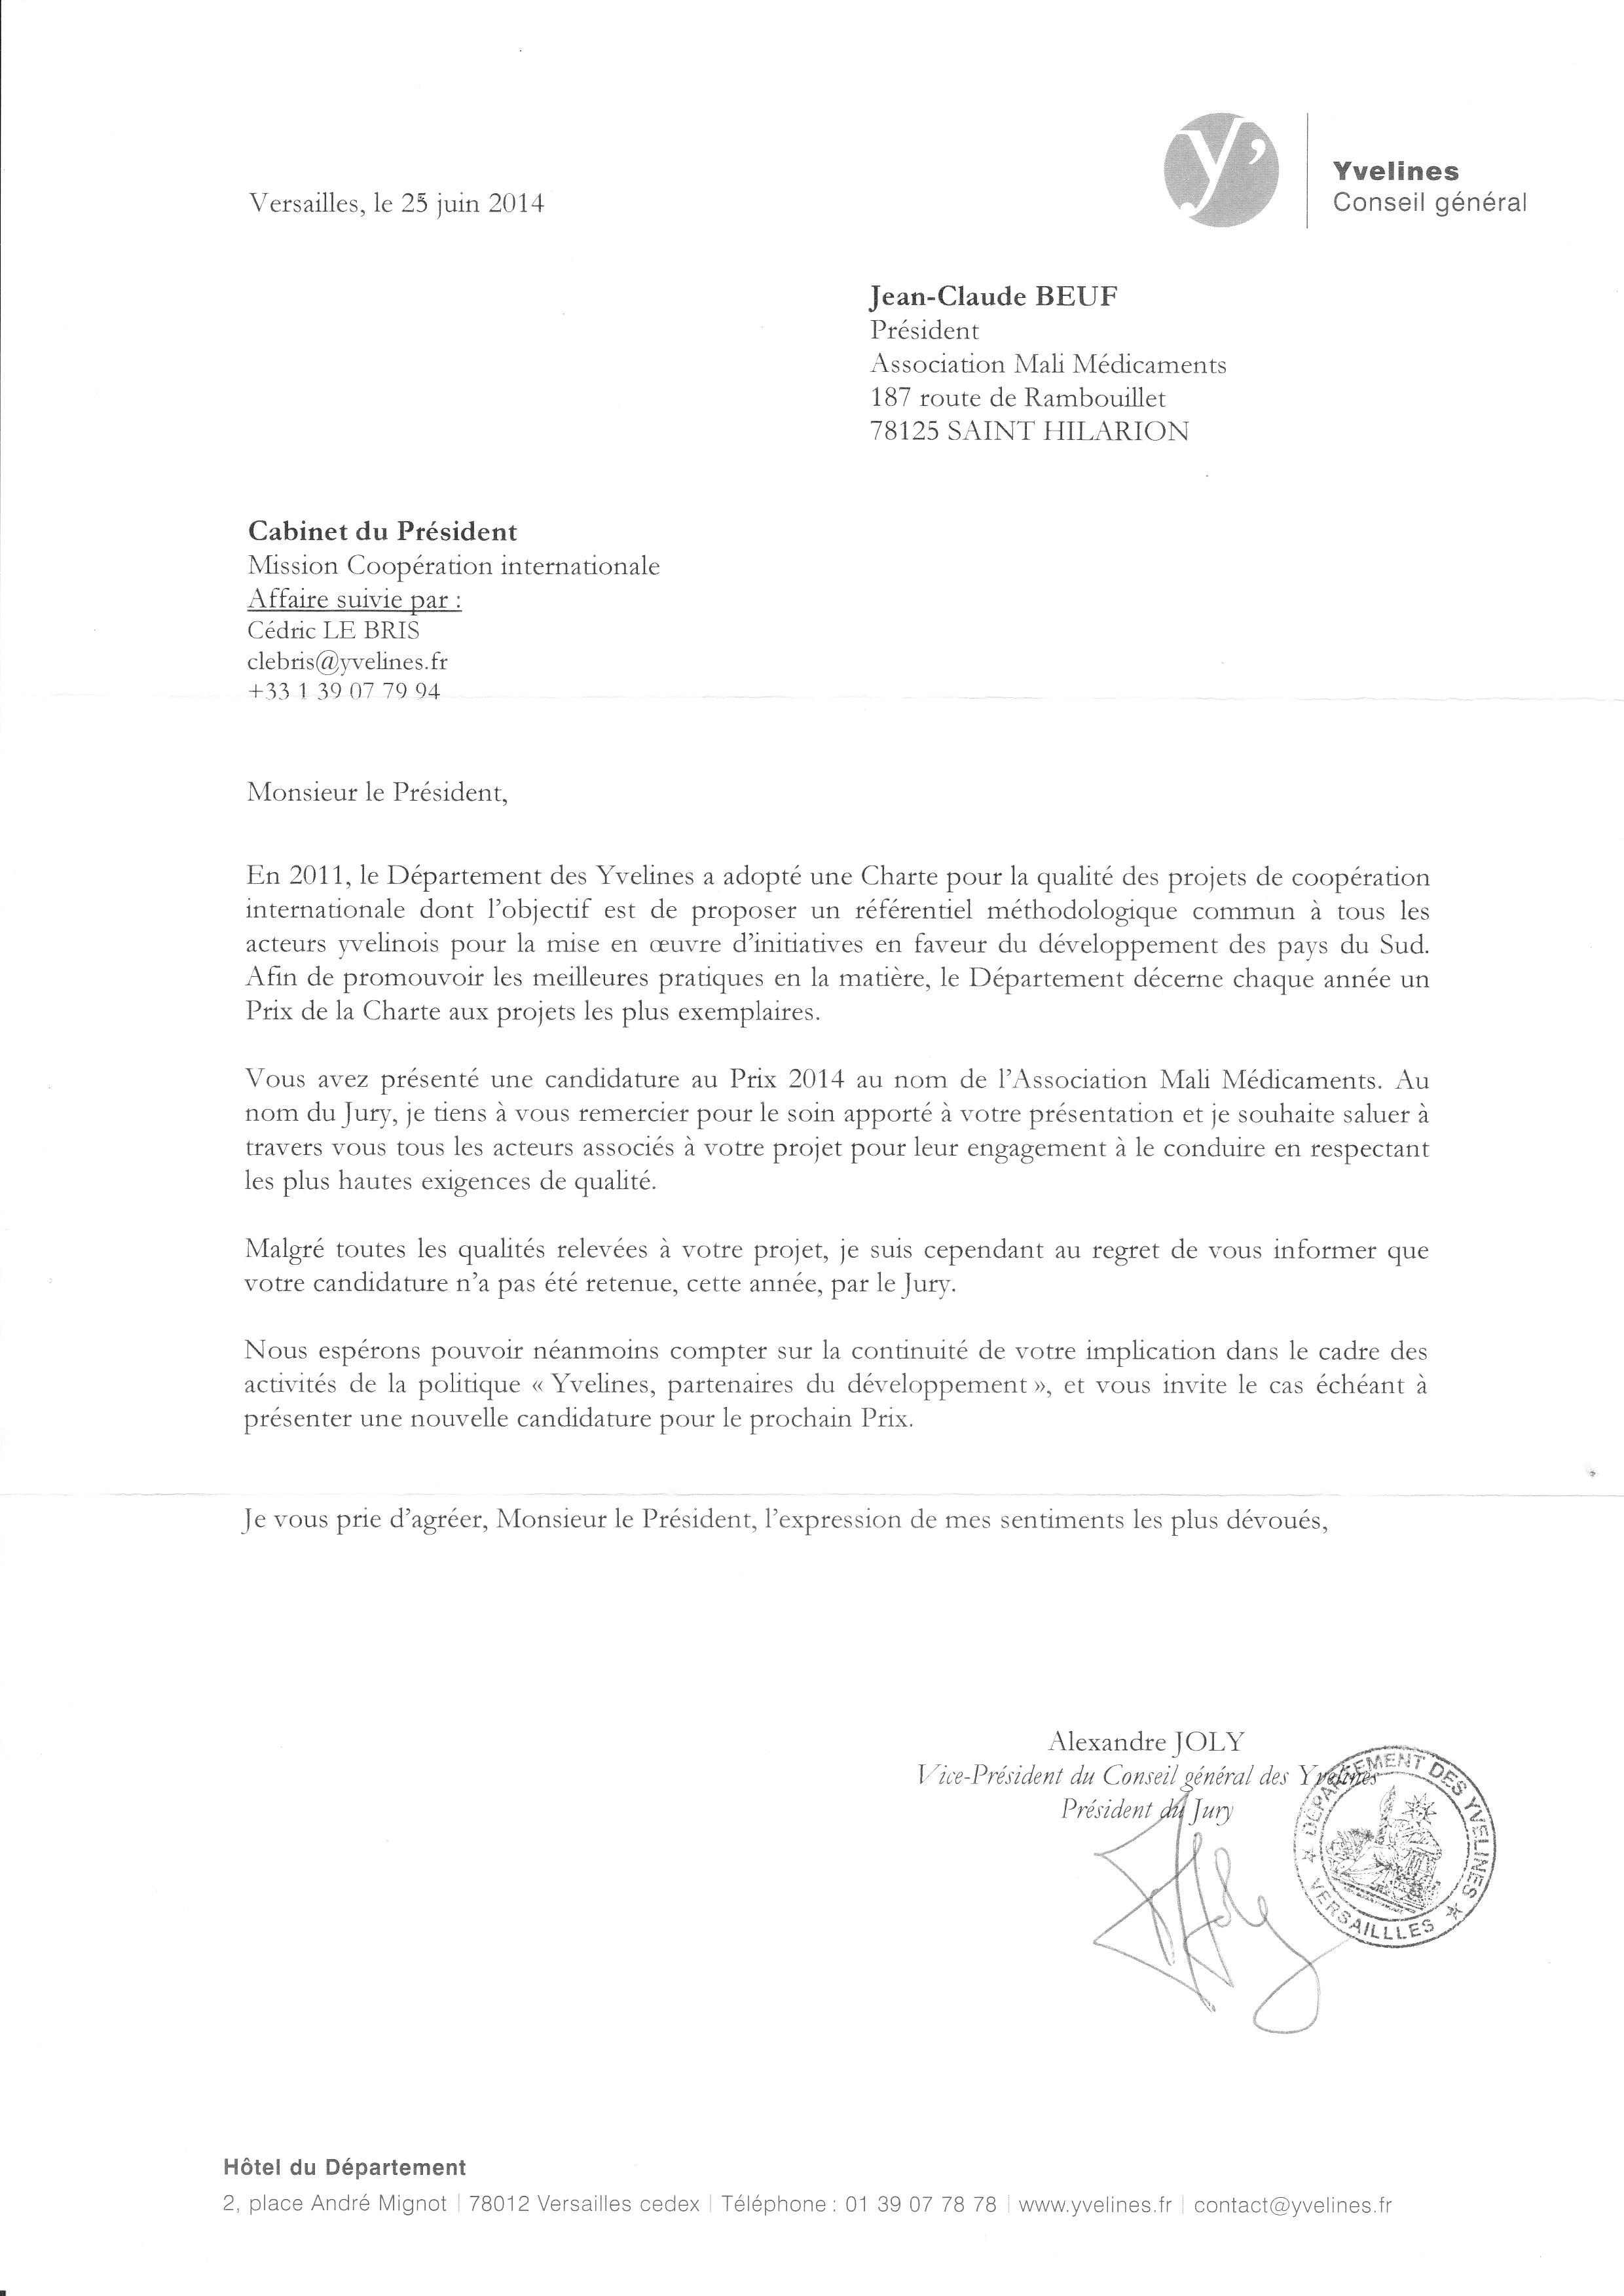 prix de la charte pour la qualit u00e9 des projets de